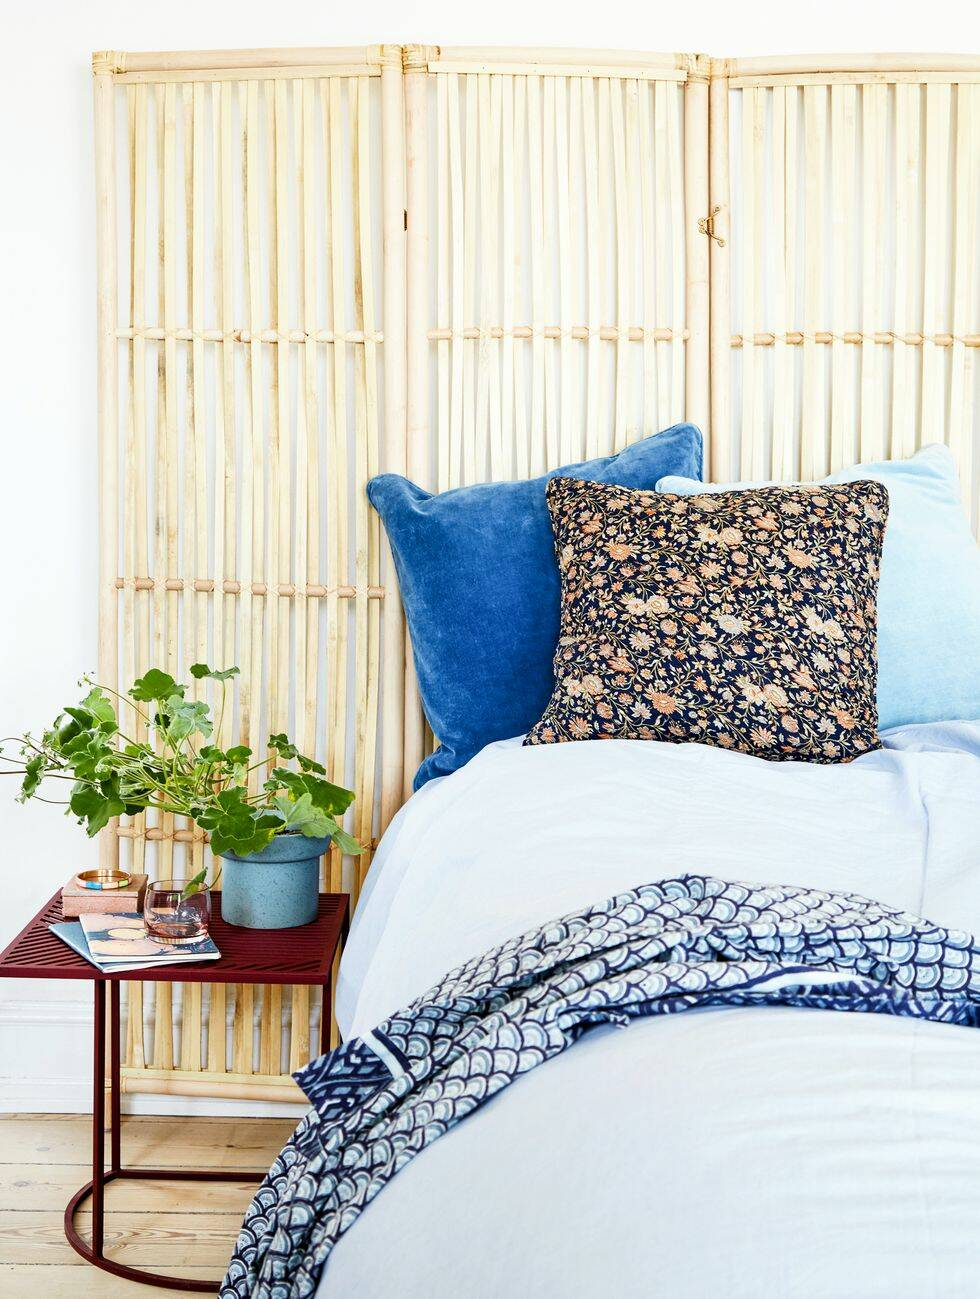 Ta in utemöblerna – 4 fina sätt att styla ditt hem med rotting